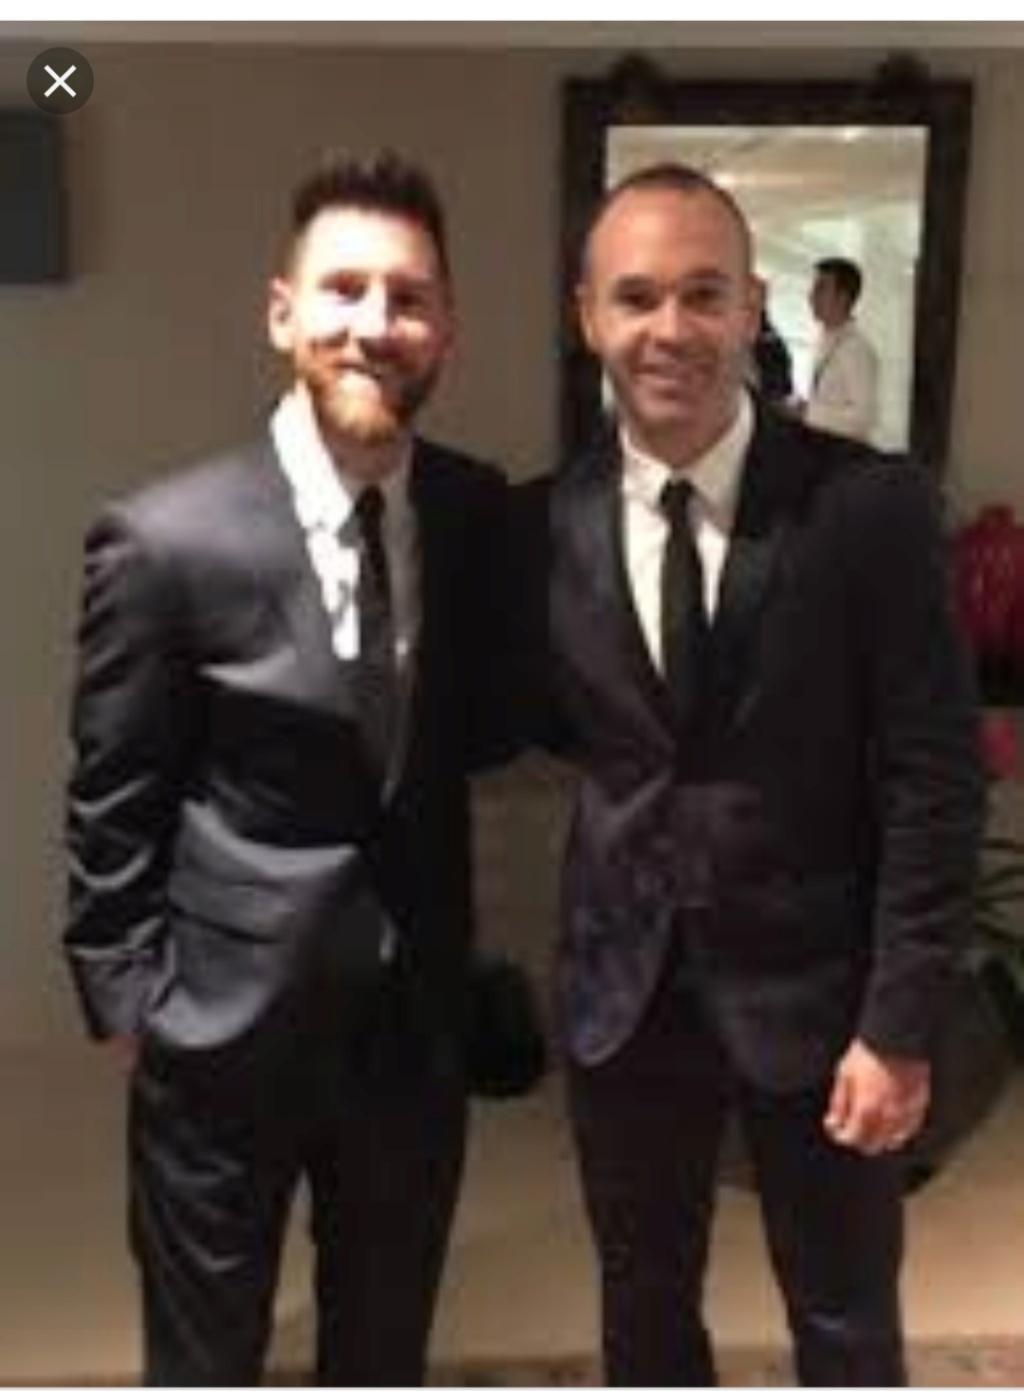 ¿Cuánto mide Lionel Messi? - Estatura y peso - Real height - Página 4 Img_2291